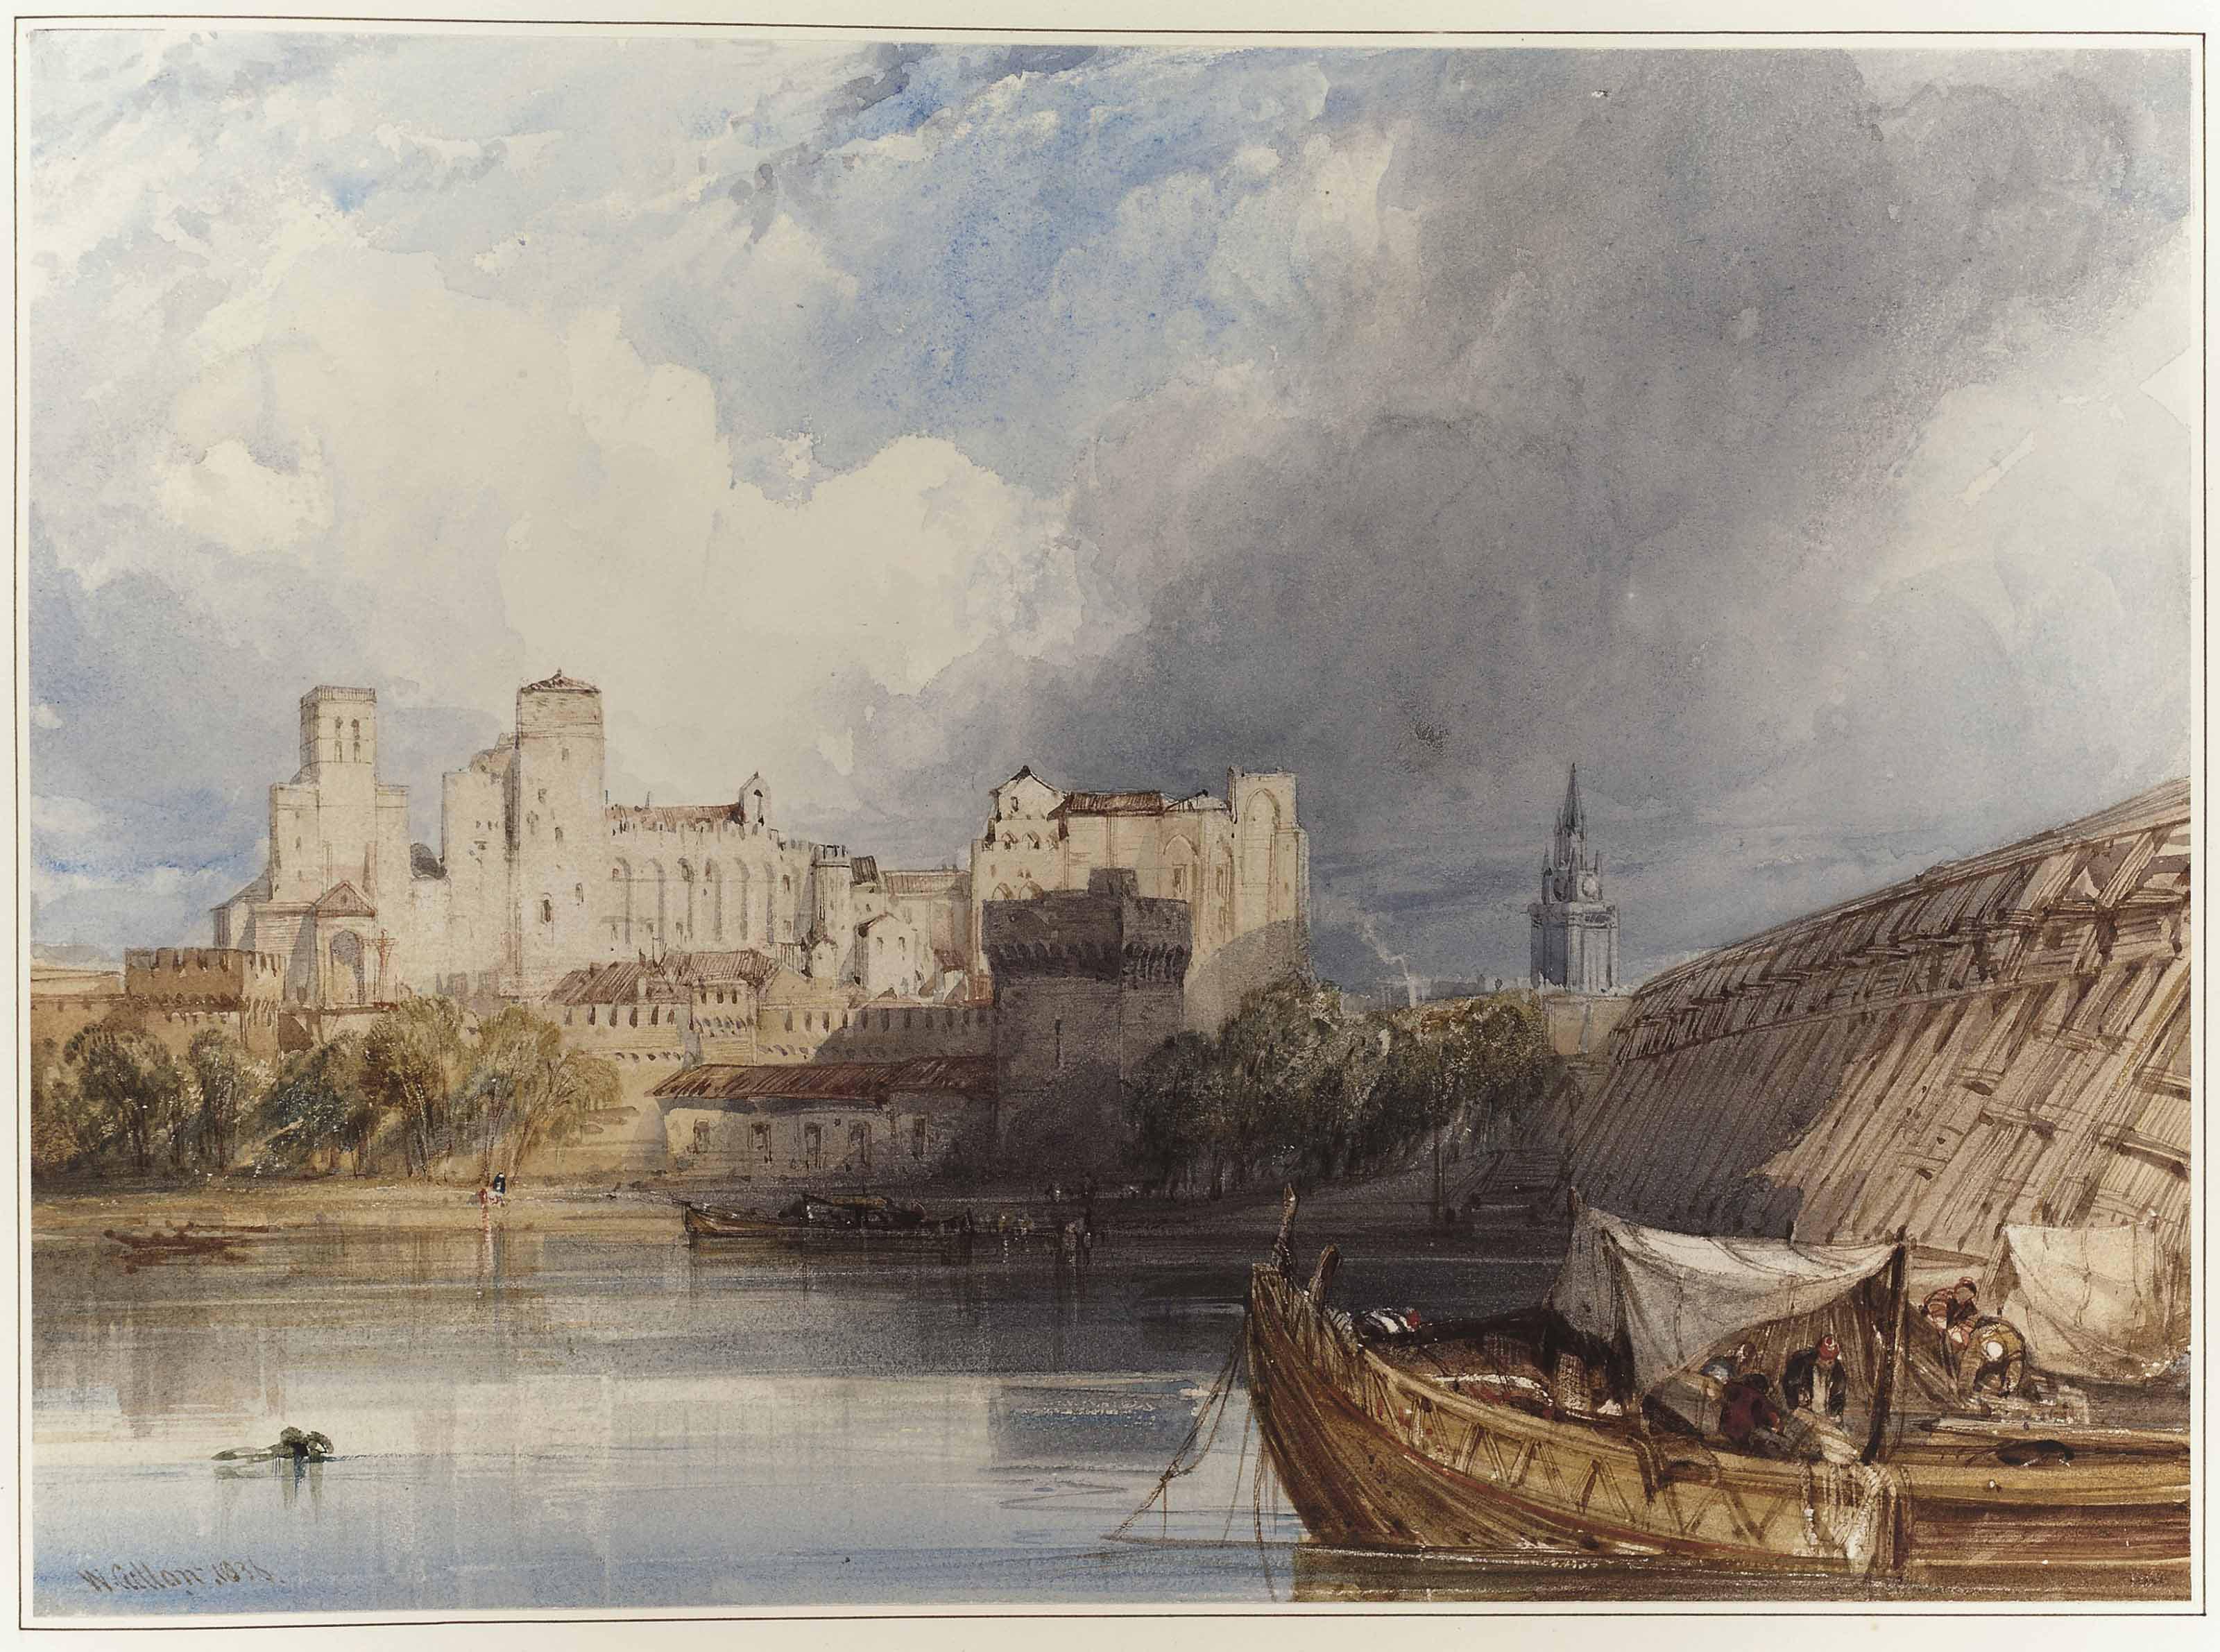 The Papal Palace at Avignon, France